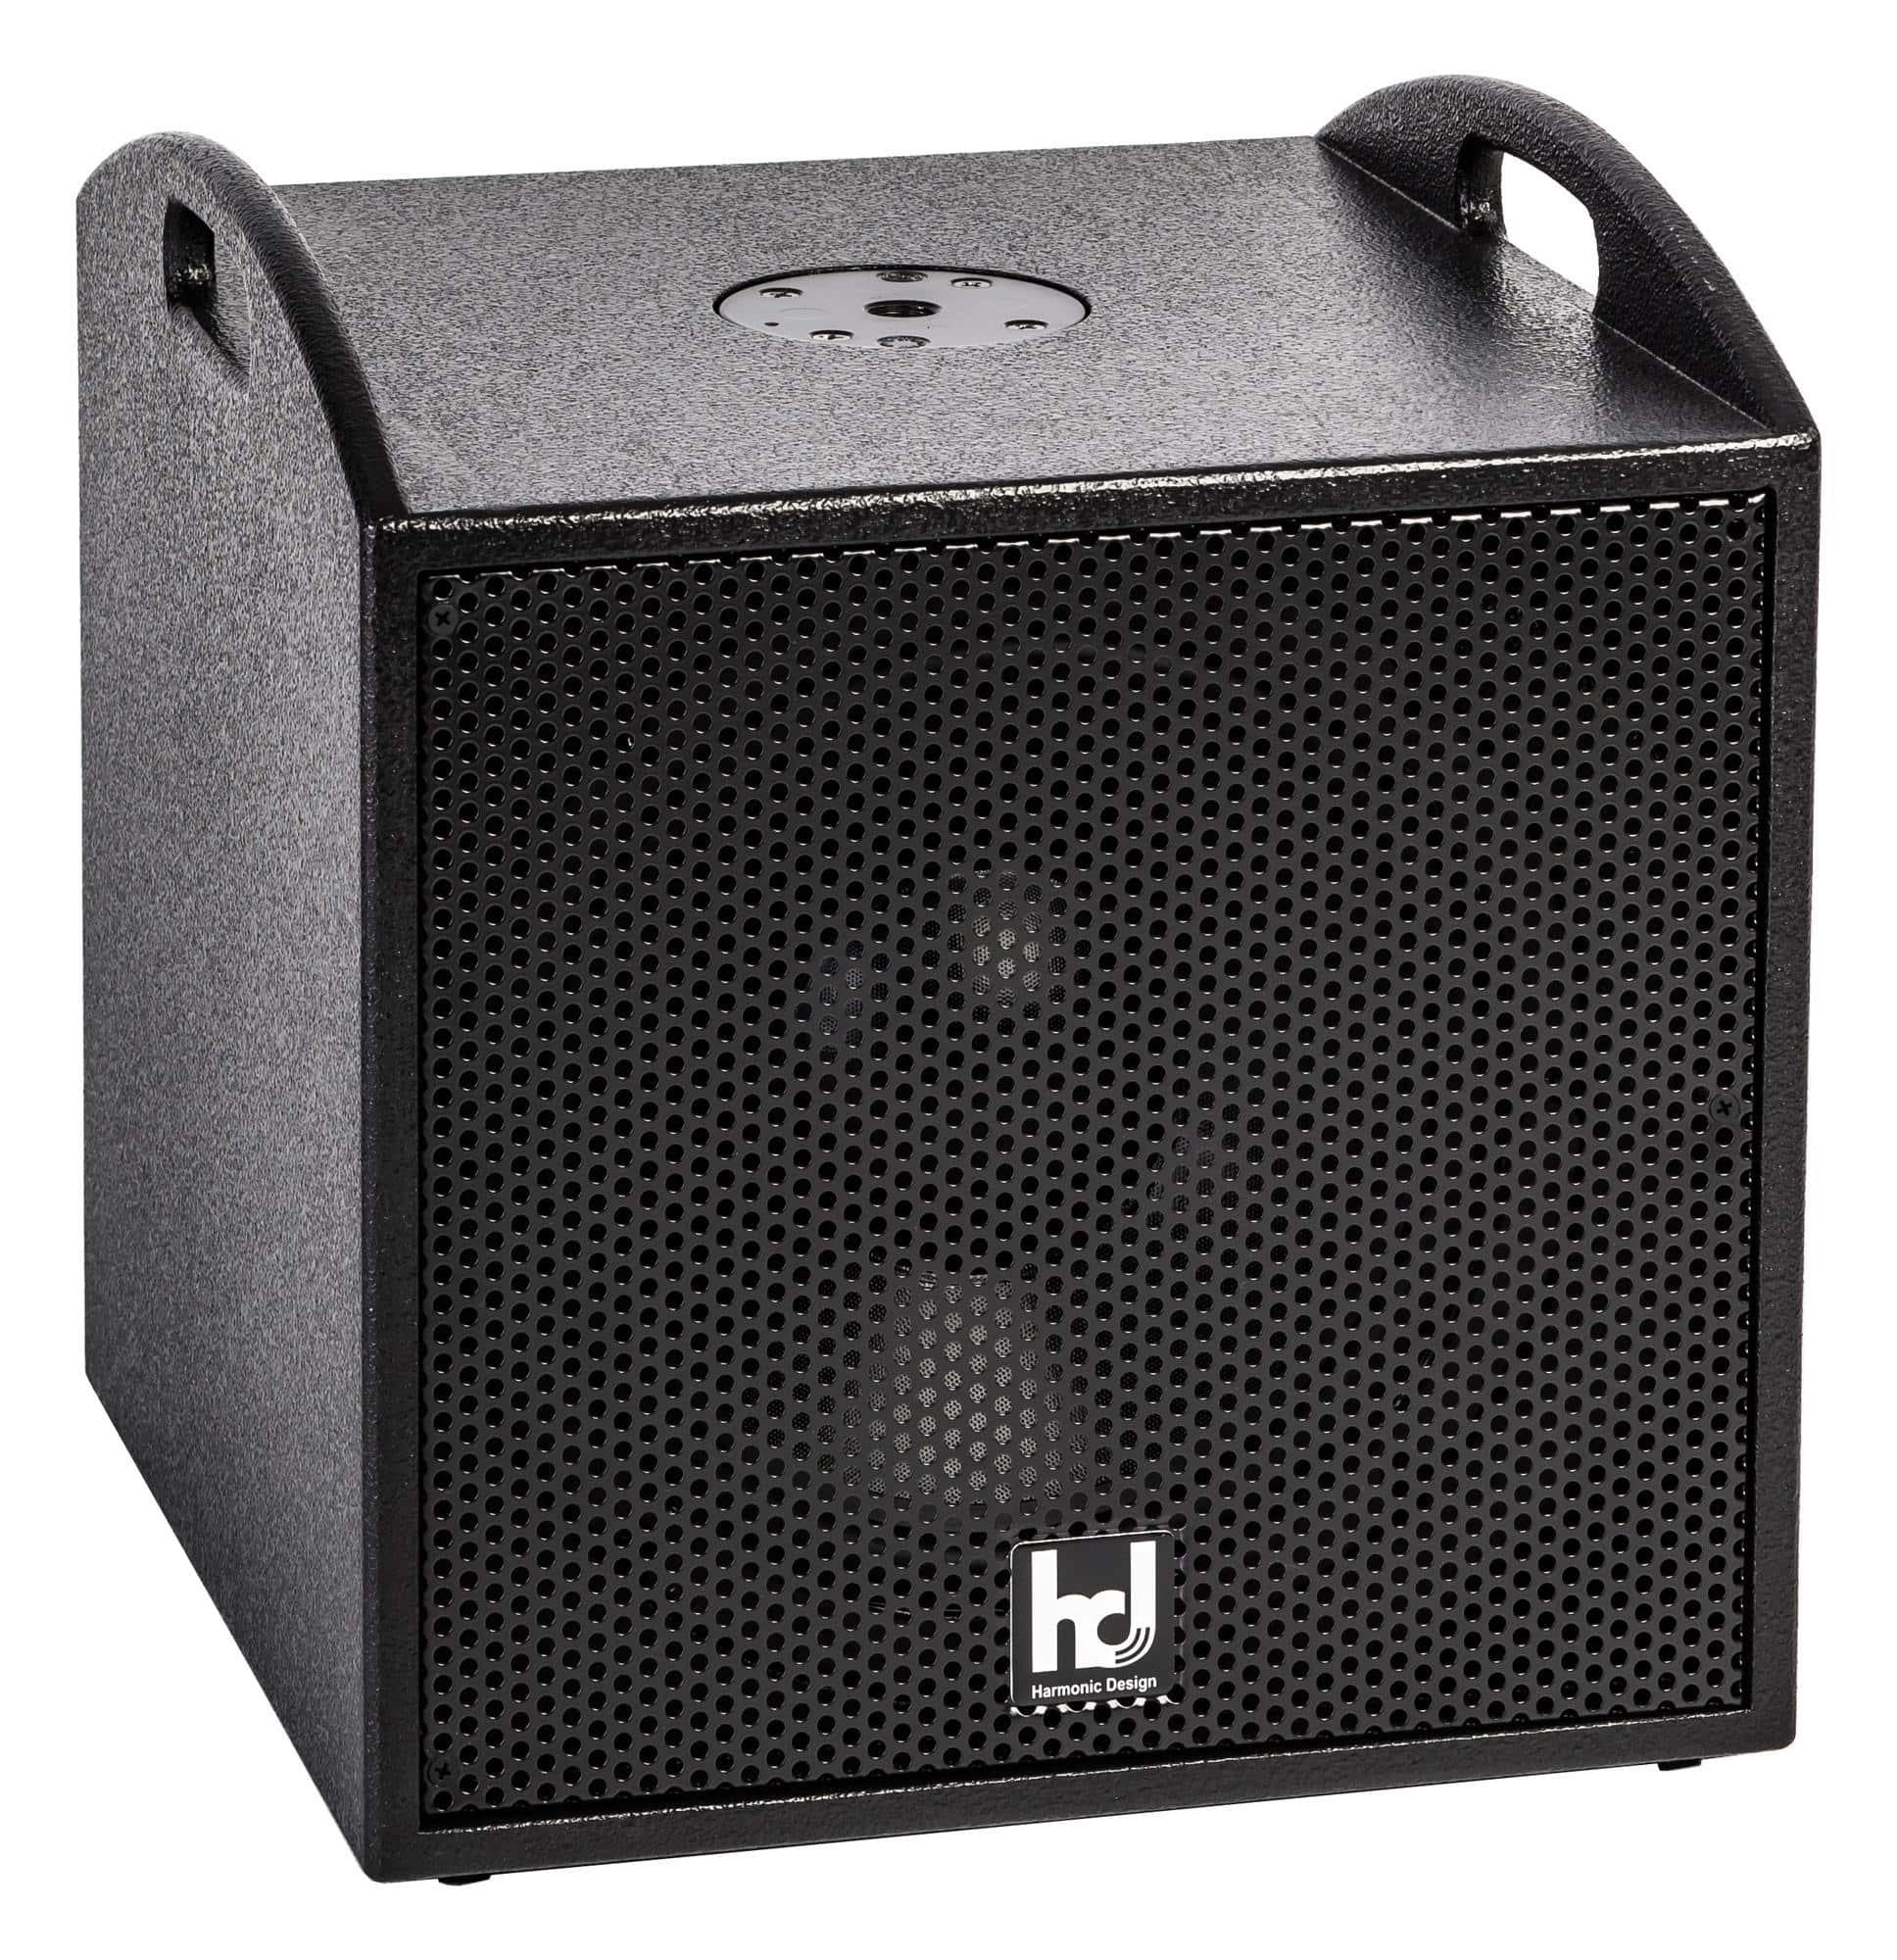 Harmonic Design P12st aktiv Stereo Subwoofer 1500 Watt